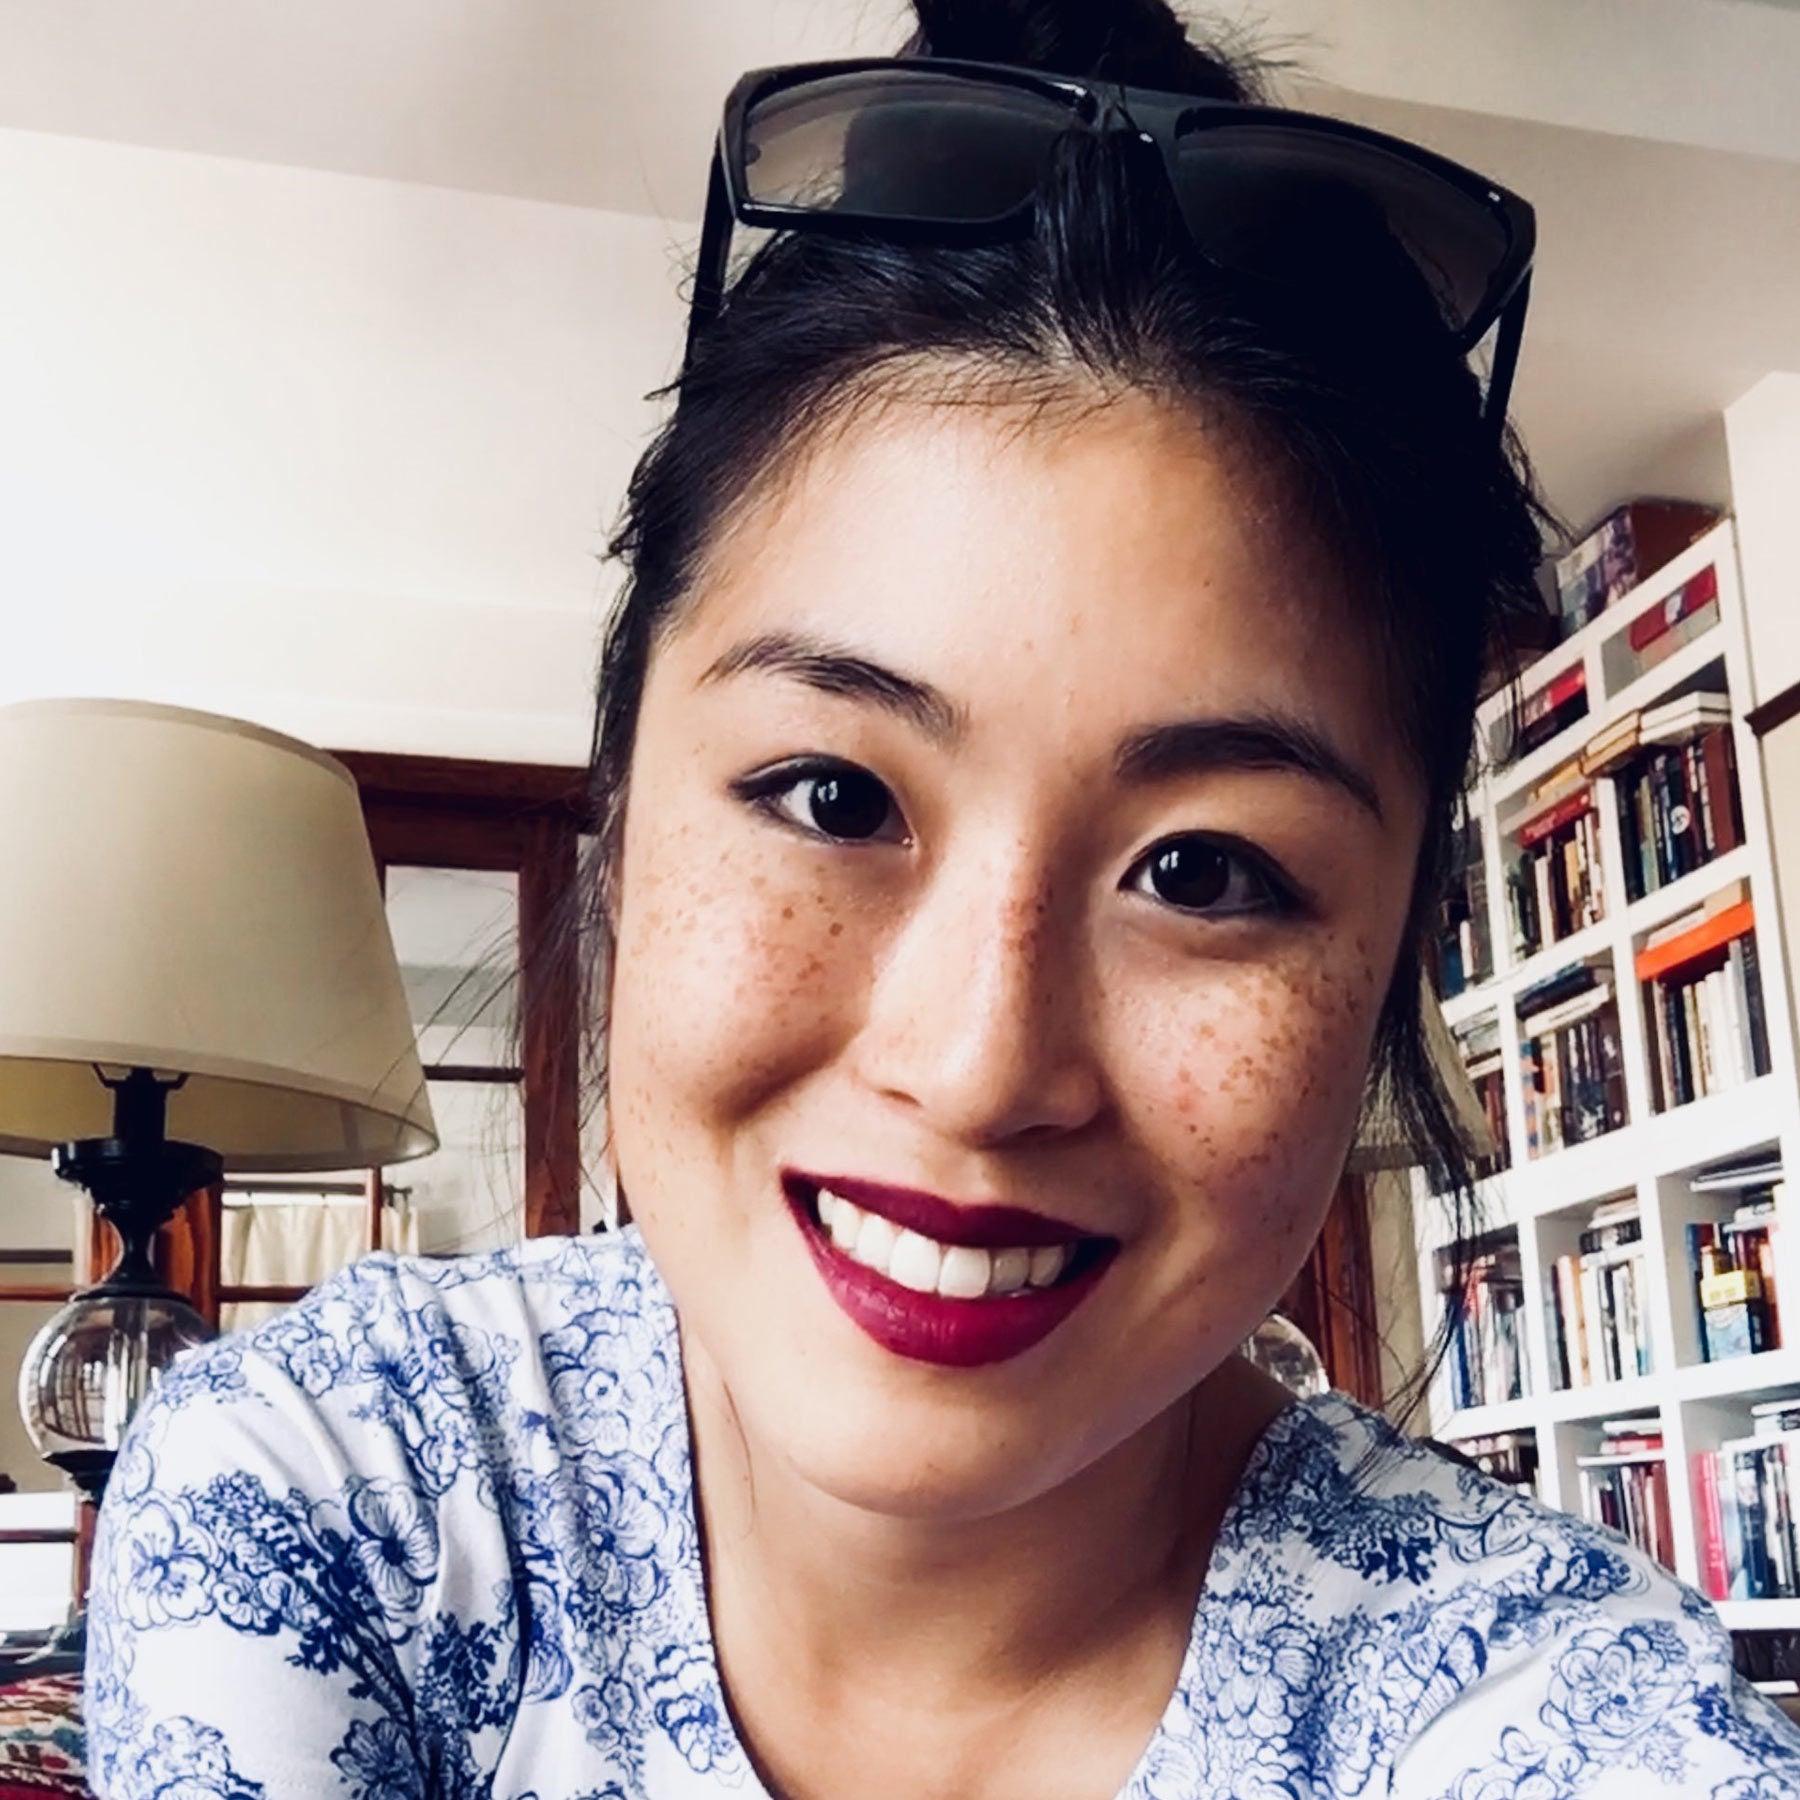 Diana Tsai Rau